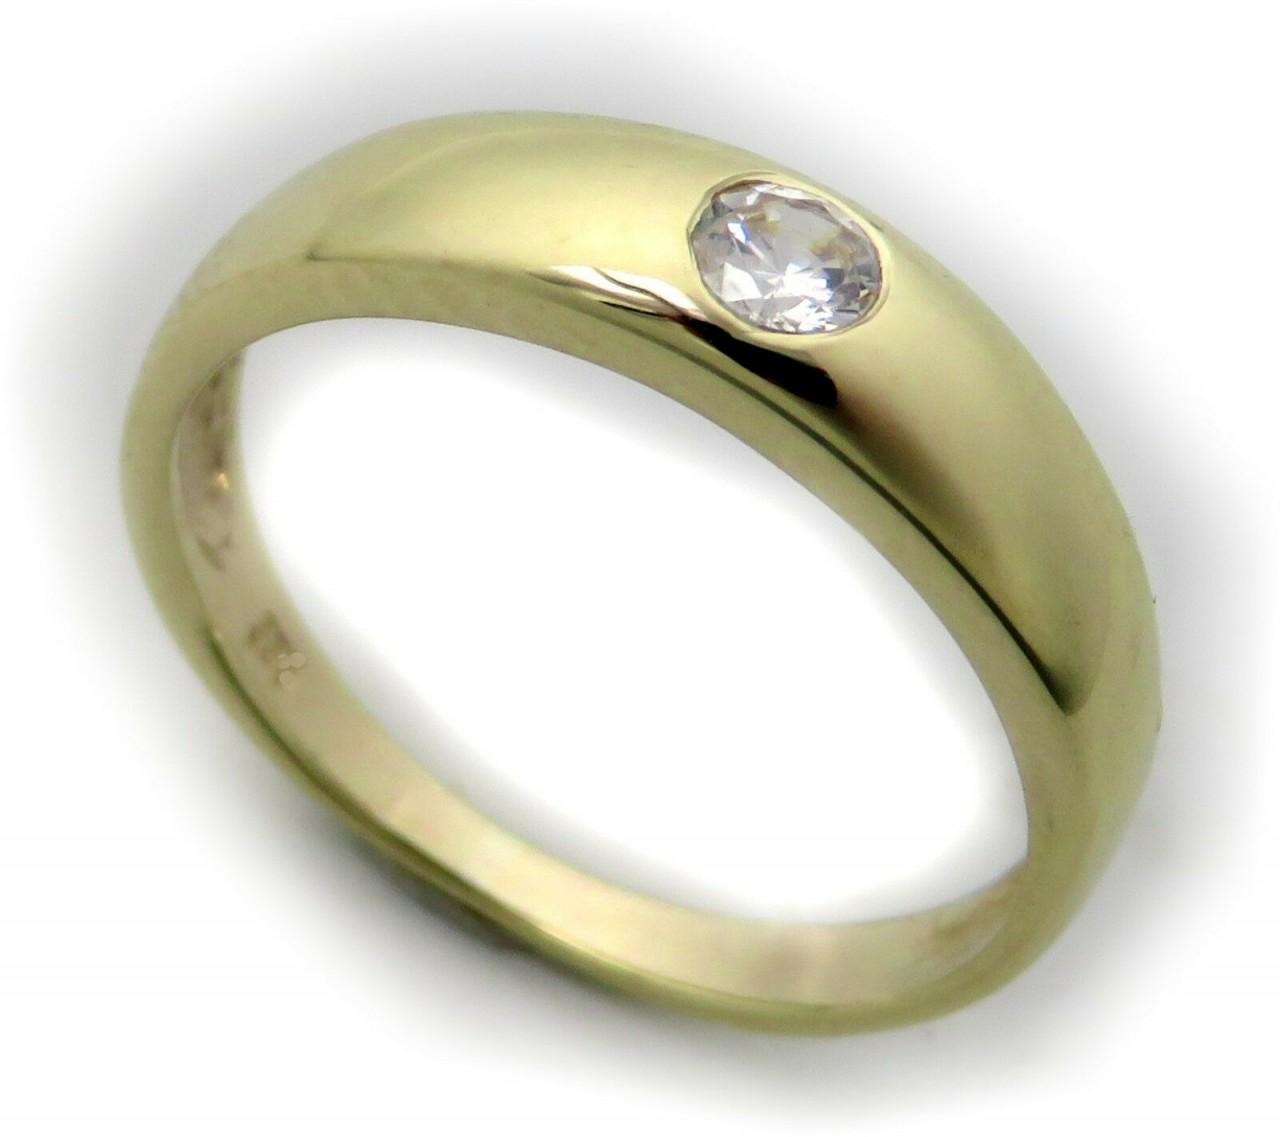 Damen Ring echt Gold 585 Diamant 0,10 ct Brillant 14 karat Taufring Gelbgold Neu